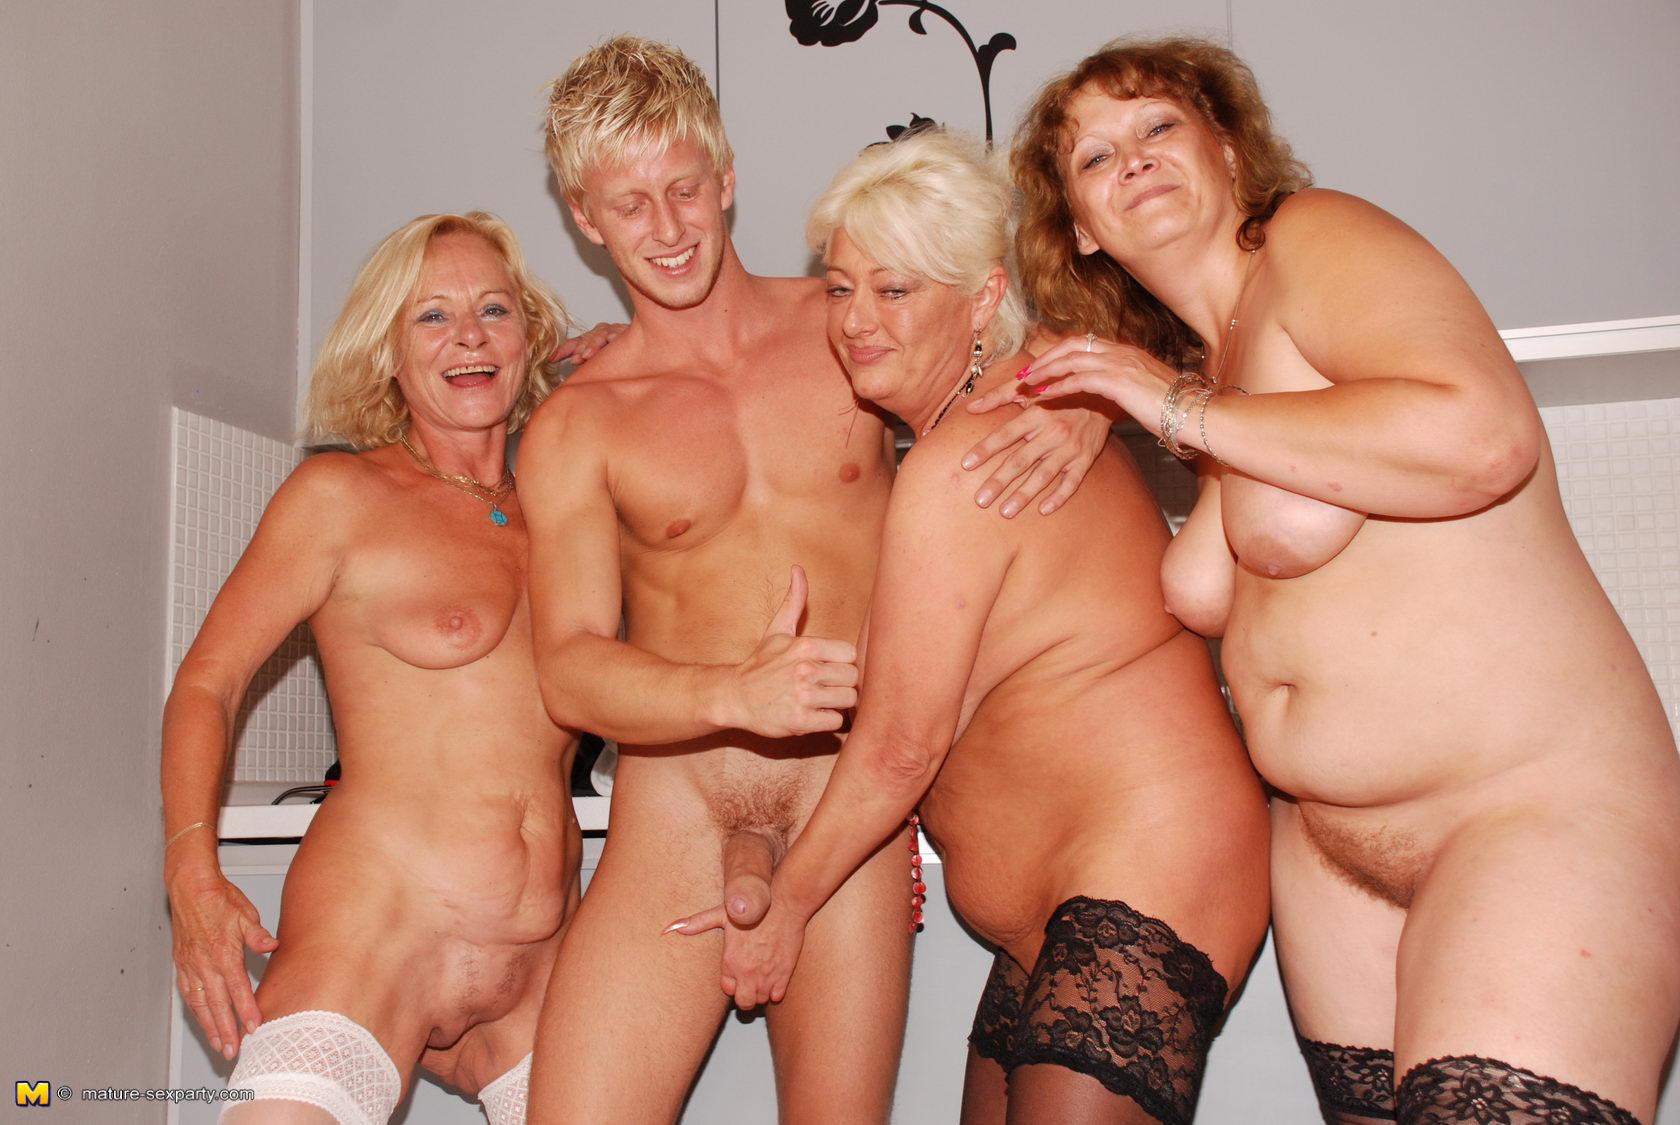 Смотреть секс рубрика 5 фотография